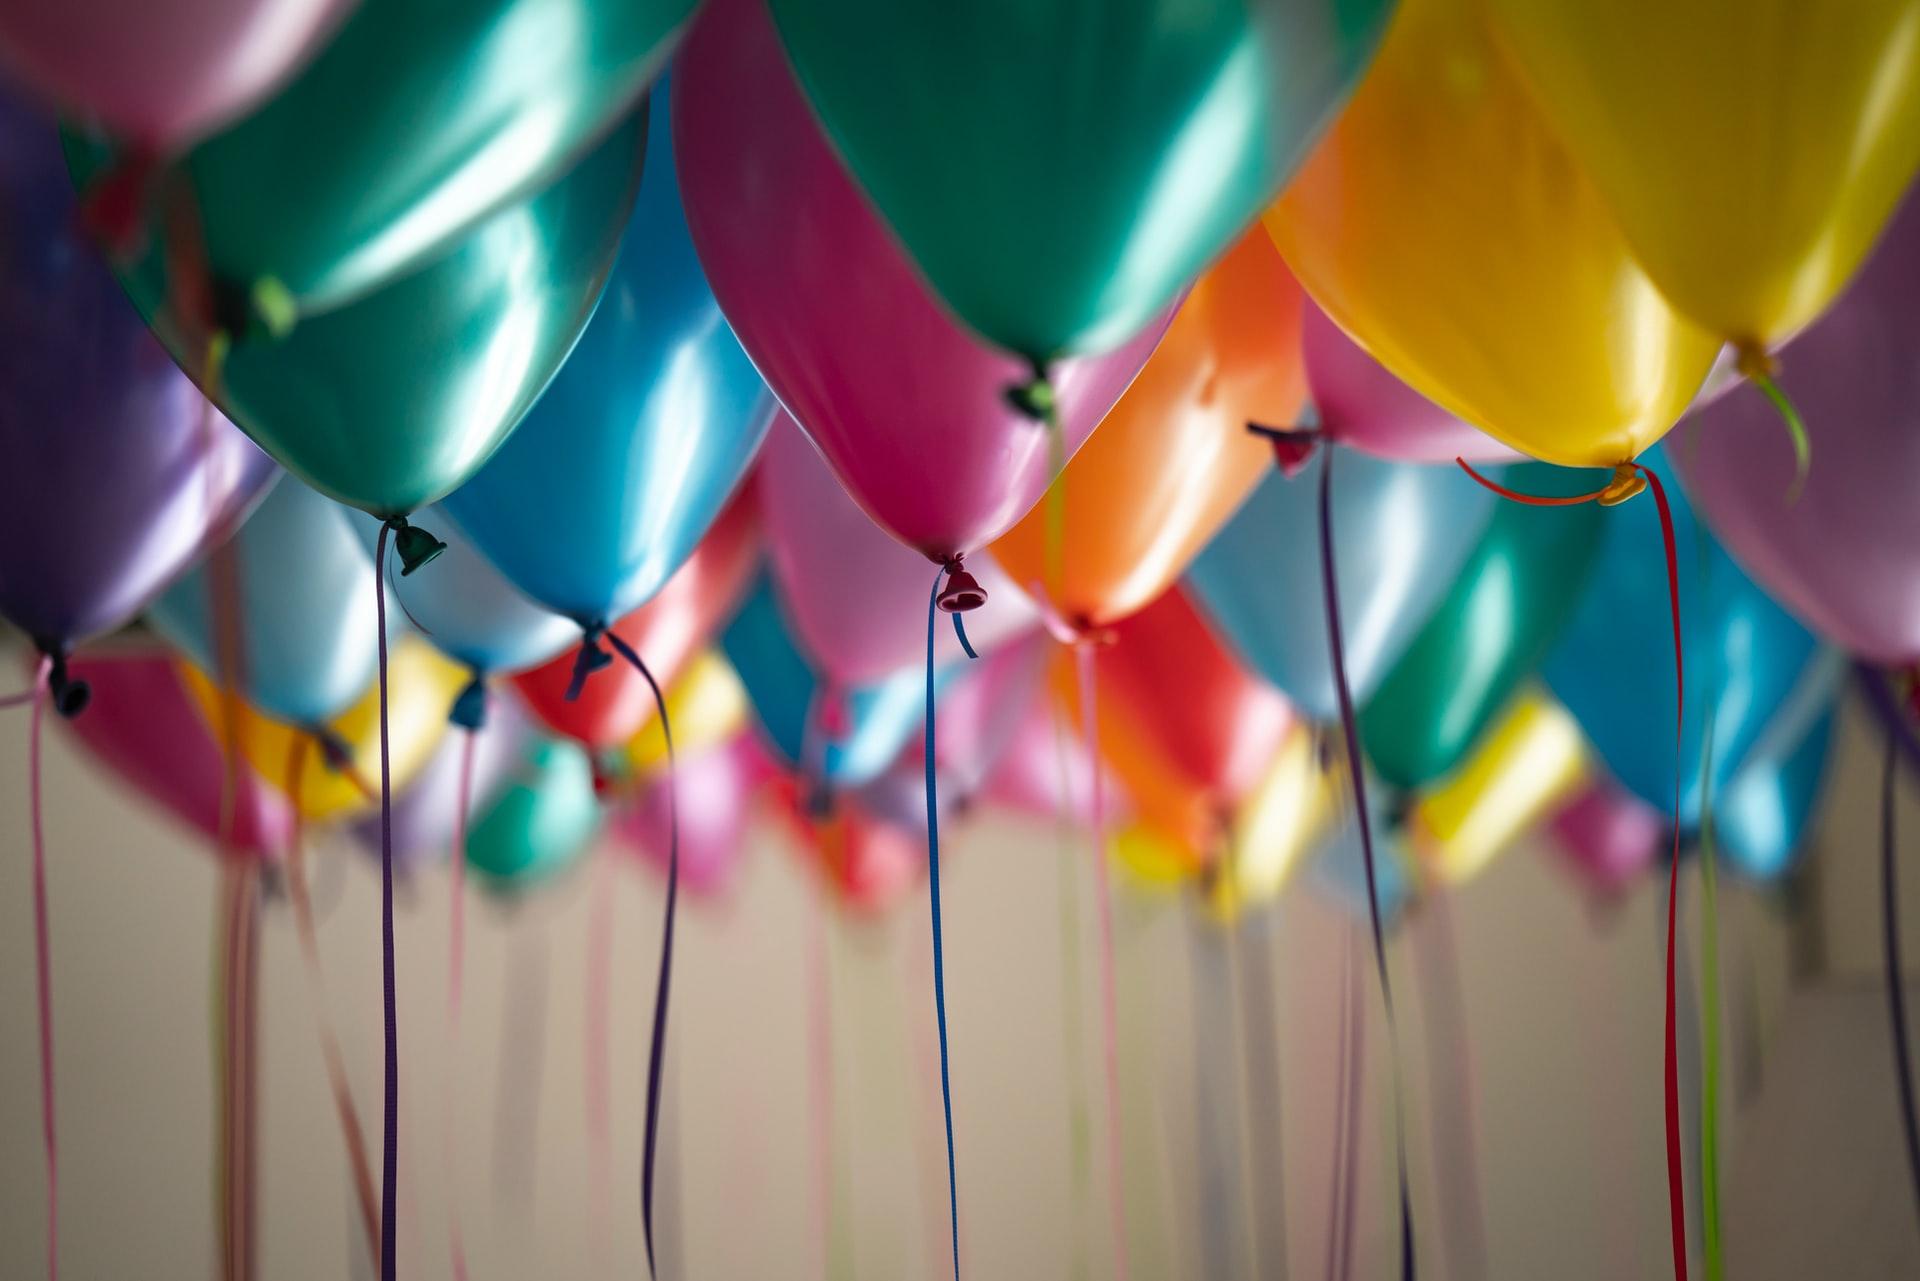 Sådan kan du holde en børnevenlig fest med vennerne